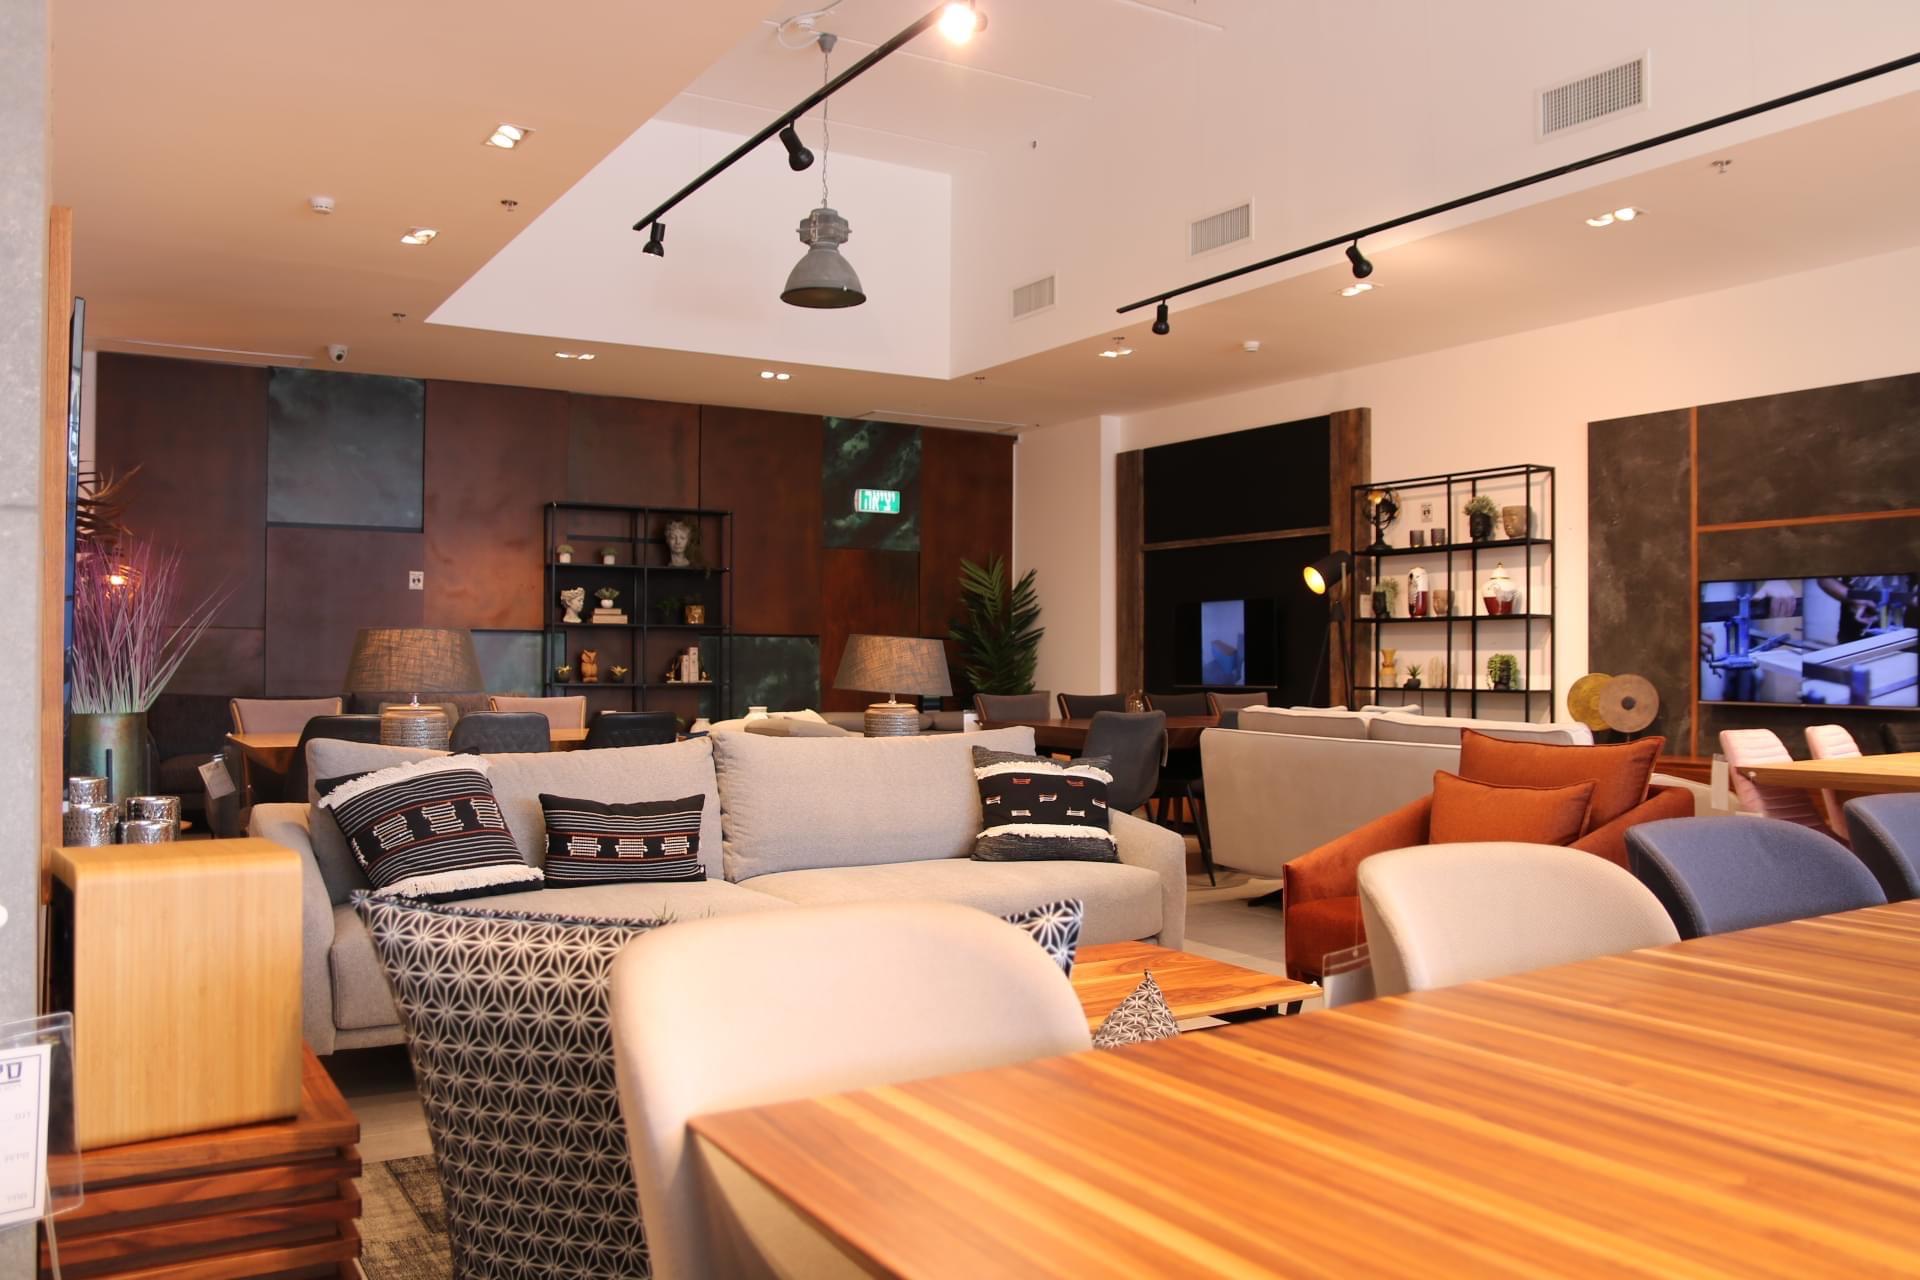 שולחנות ופינות אוכל - קומפי רהיטים